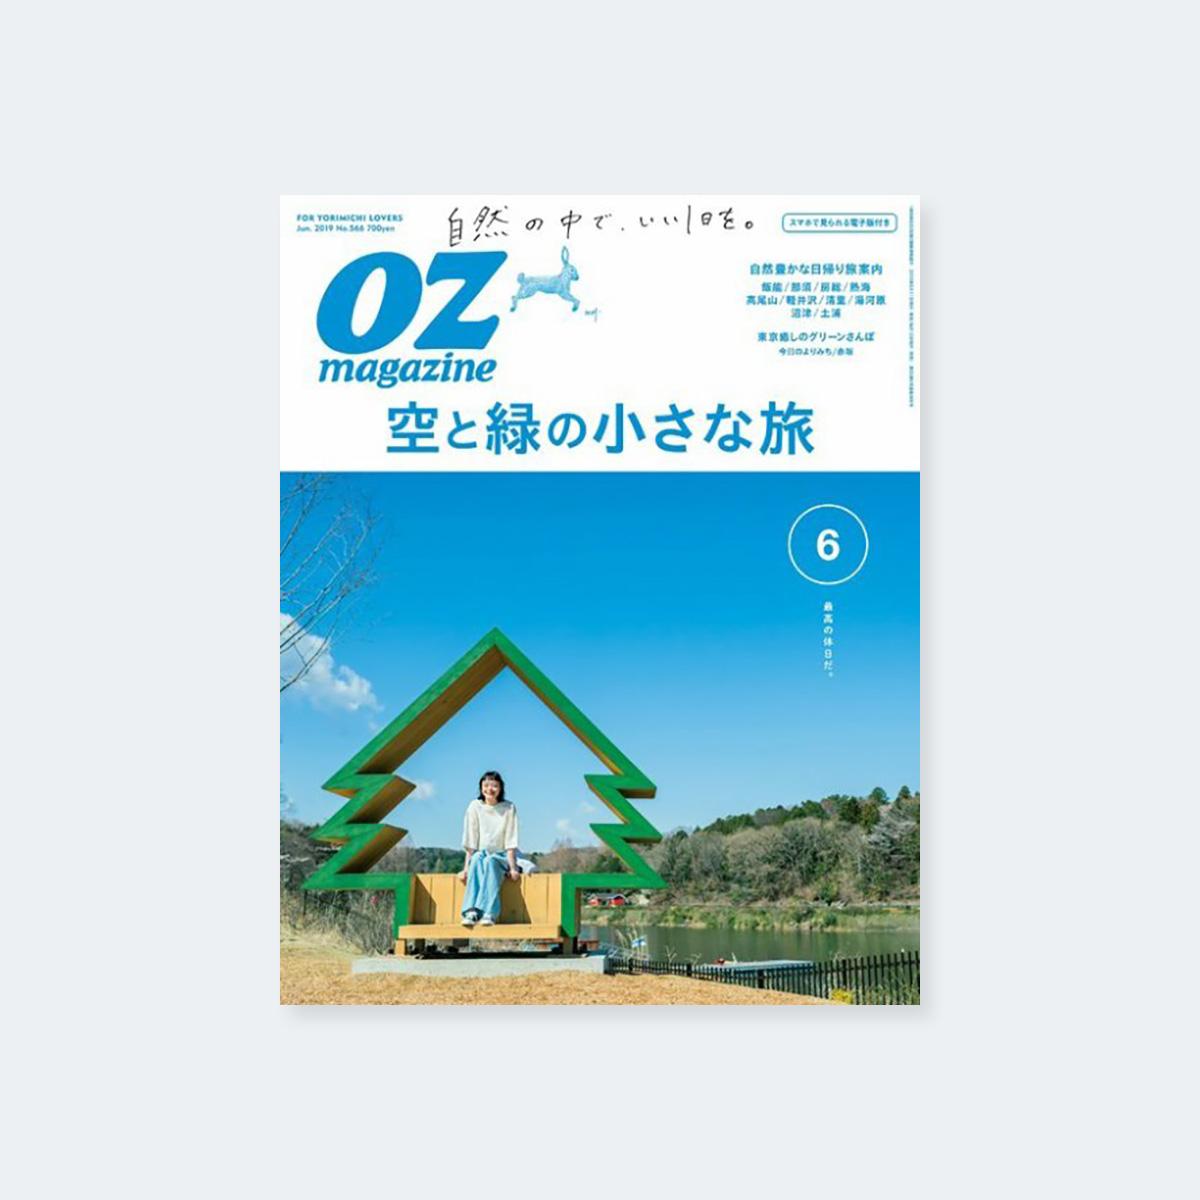 【メディア掲載情報】oz magazine 2019.6月号